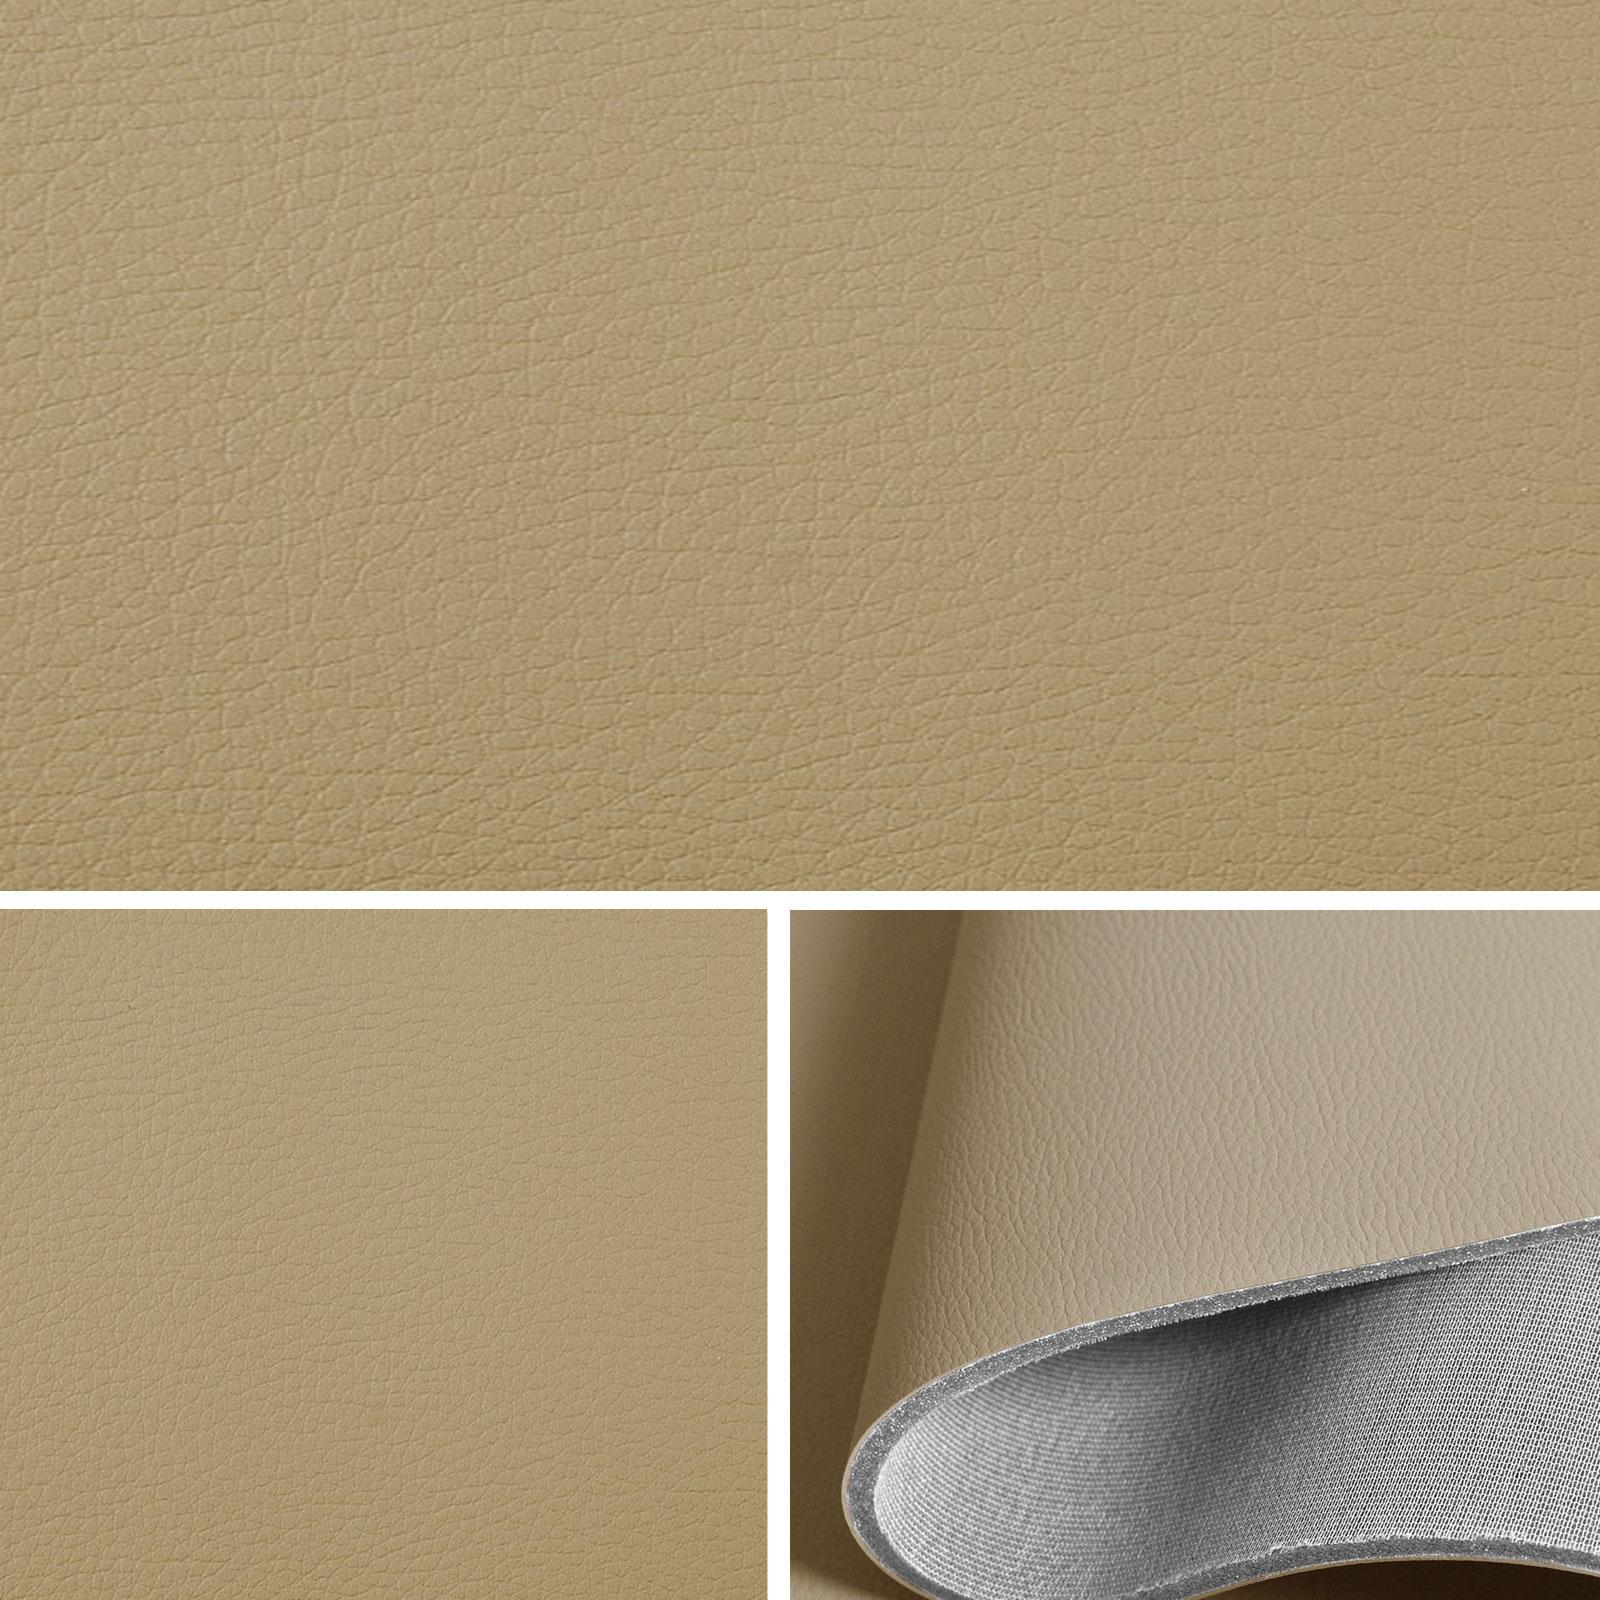 kunstleder kaschiert autostoff canyon extra stark t222 01. Black Bedroom Furniture Sets. Home Design Ideas